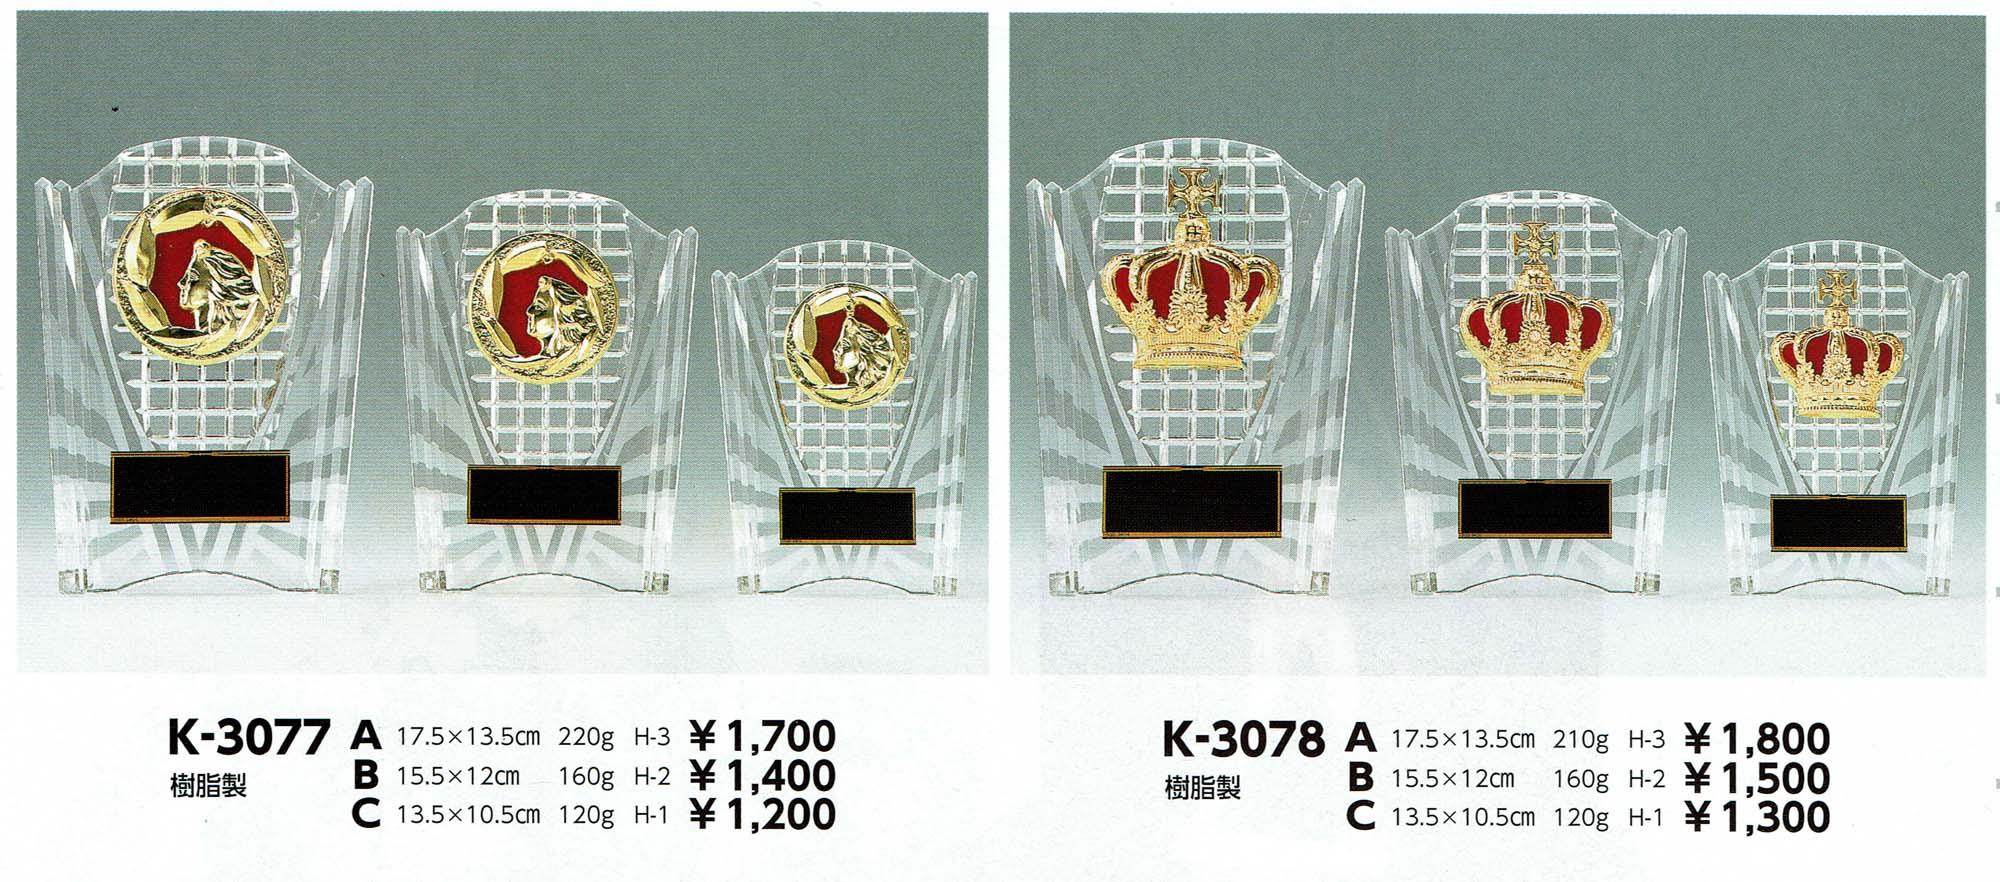 K3077、K3078